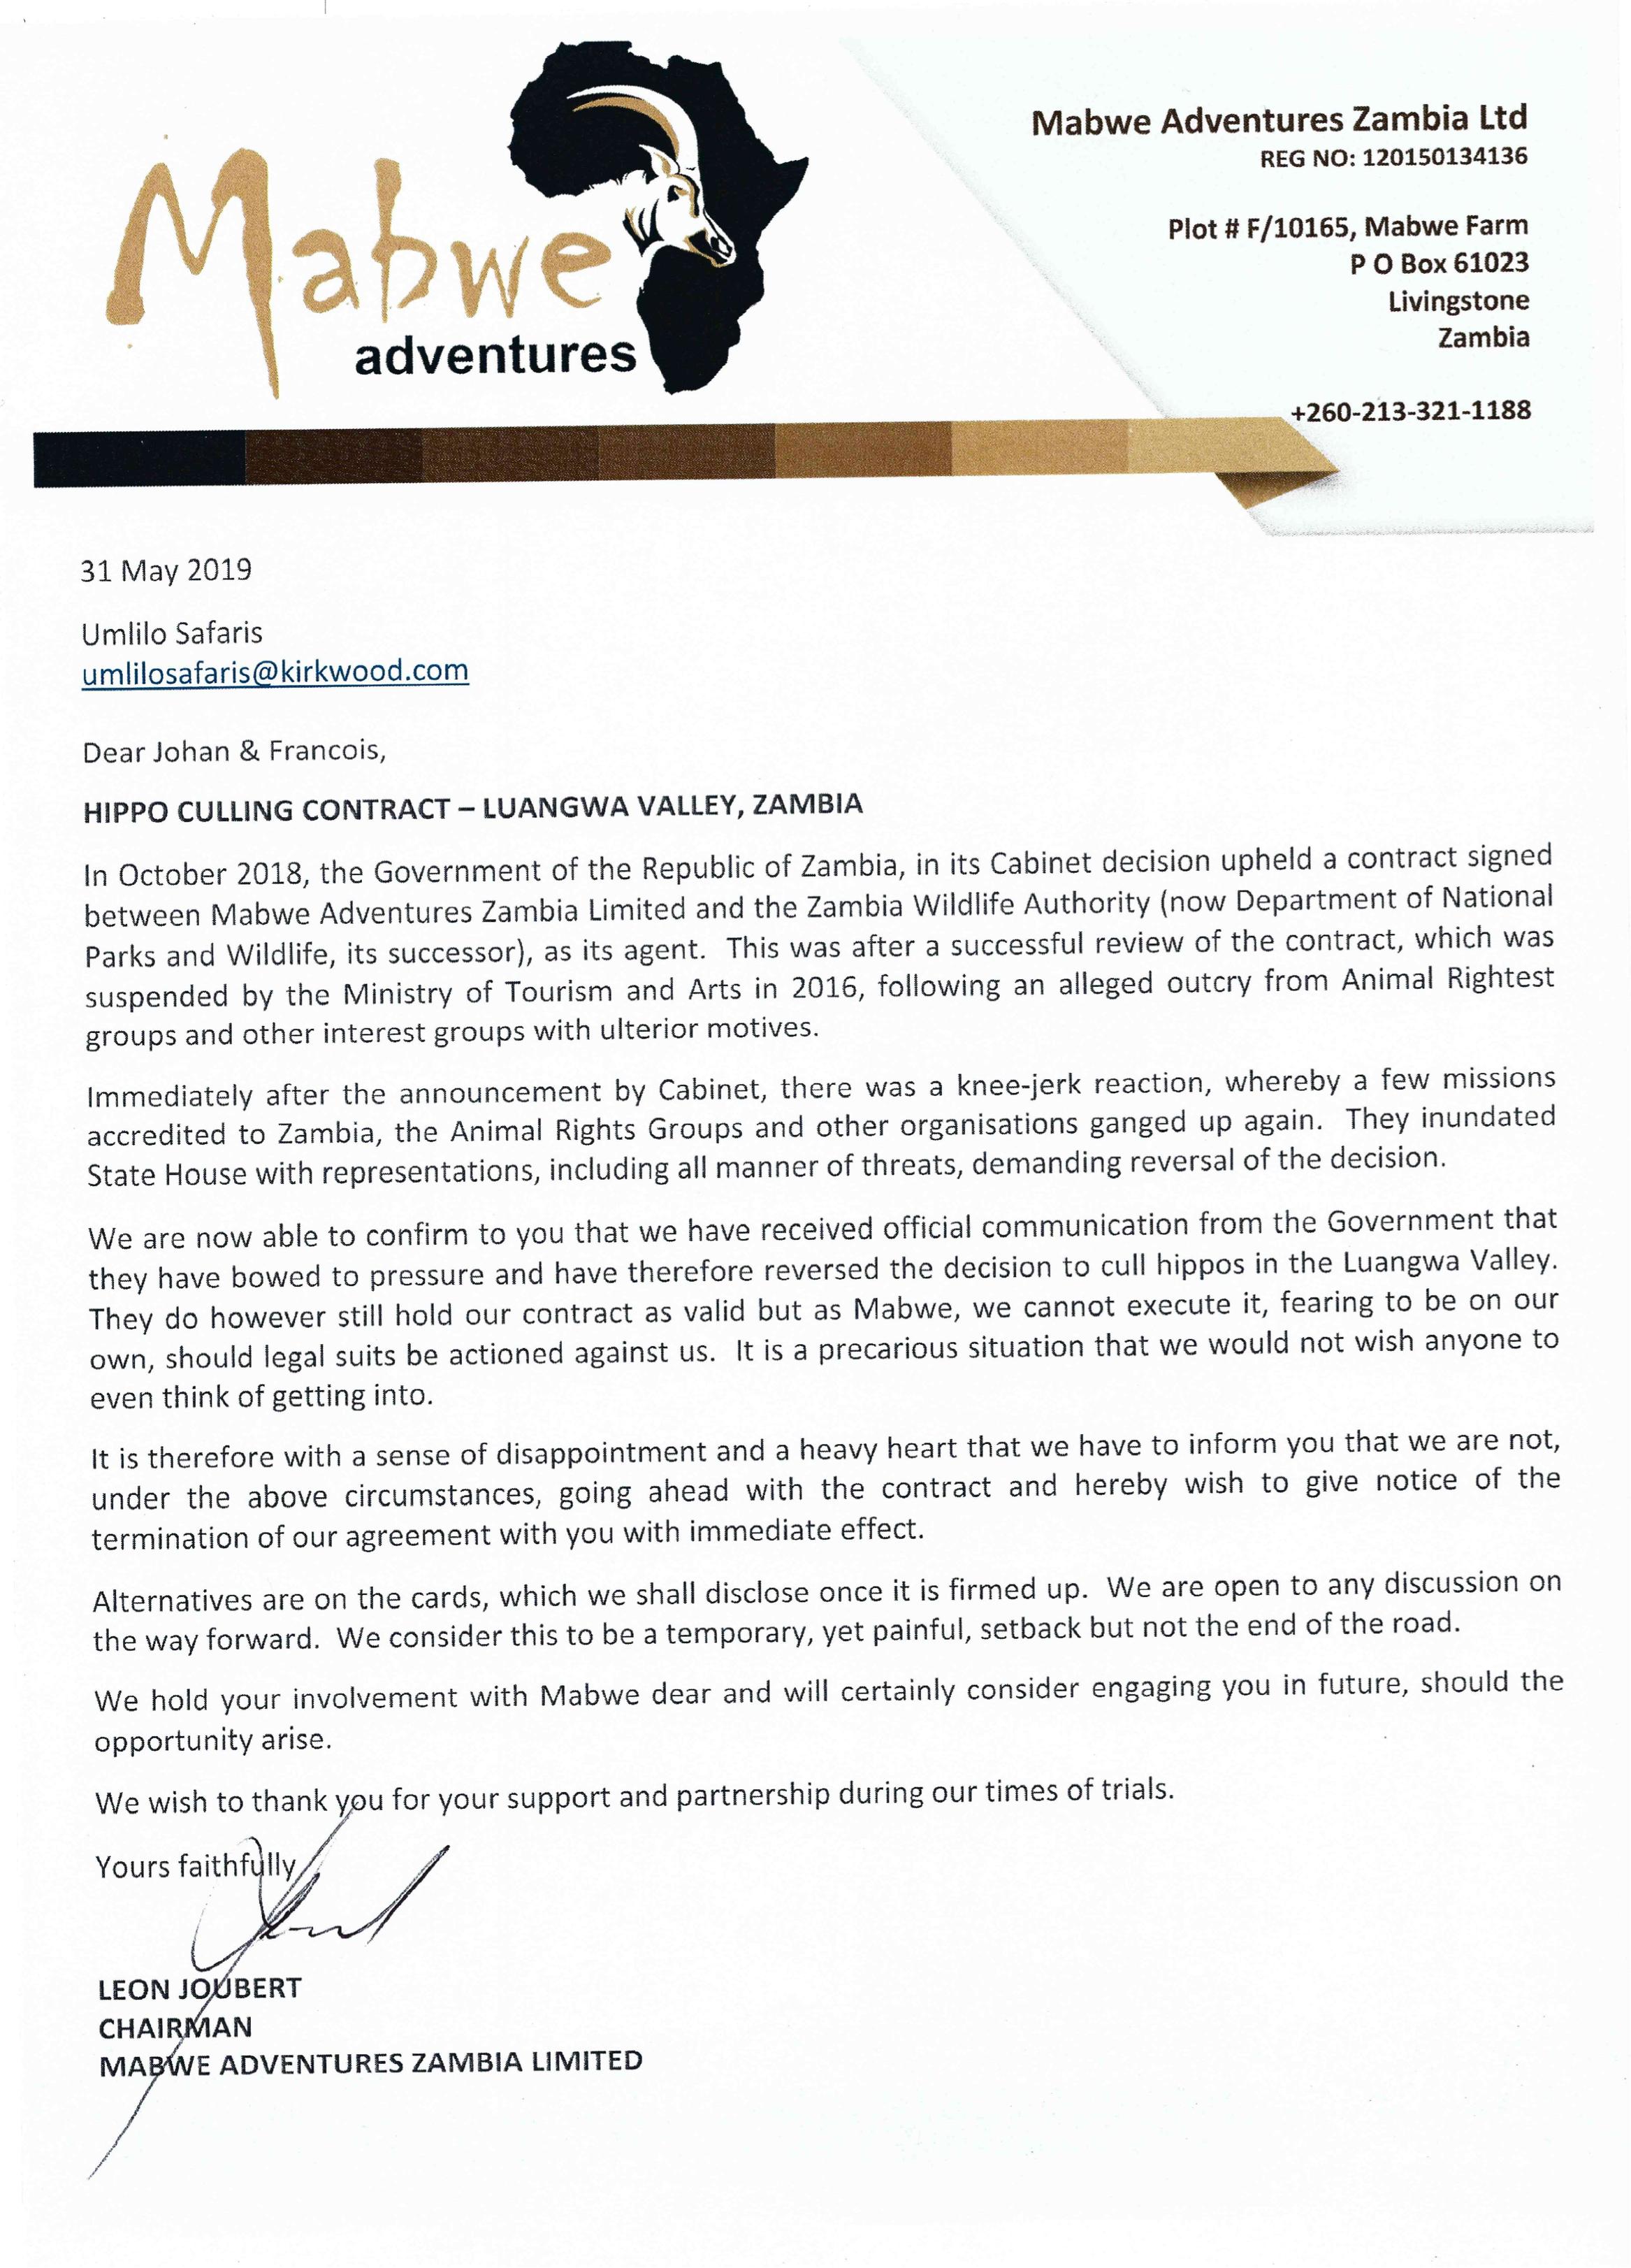 Zambia Letter.jpg